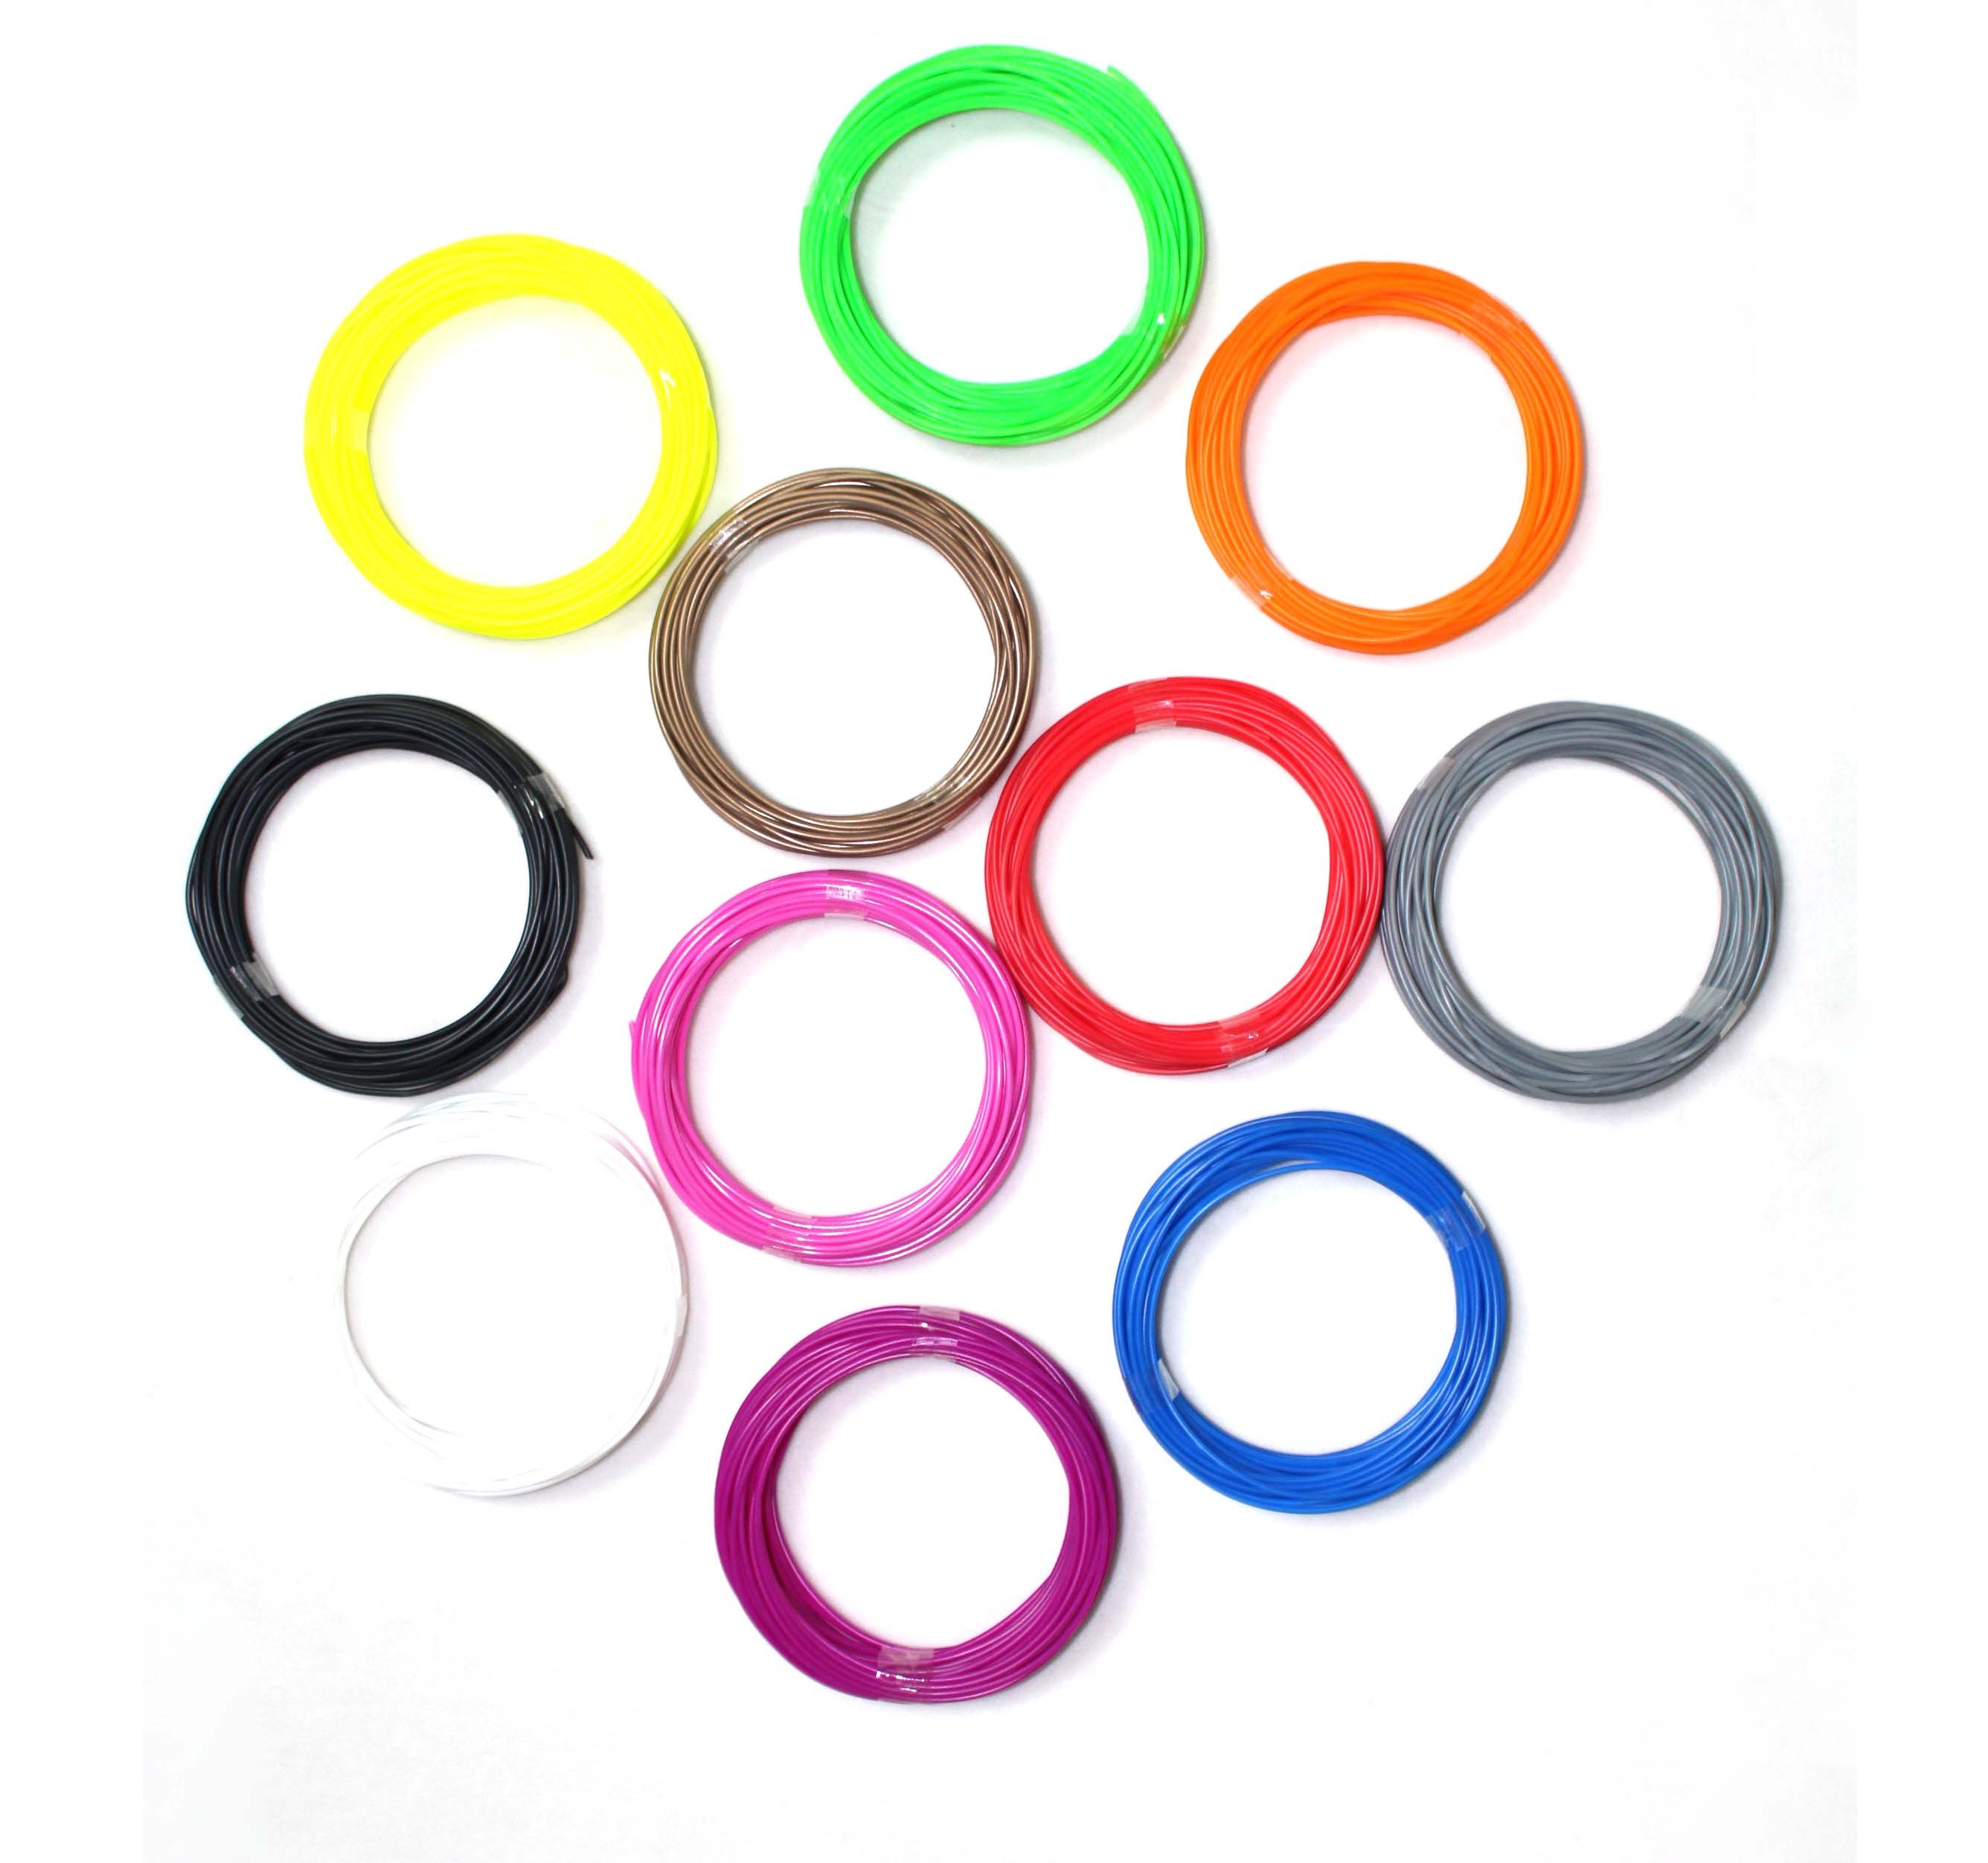 Abs-пластик для 3d ручки Qstar